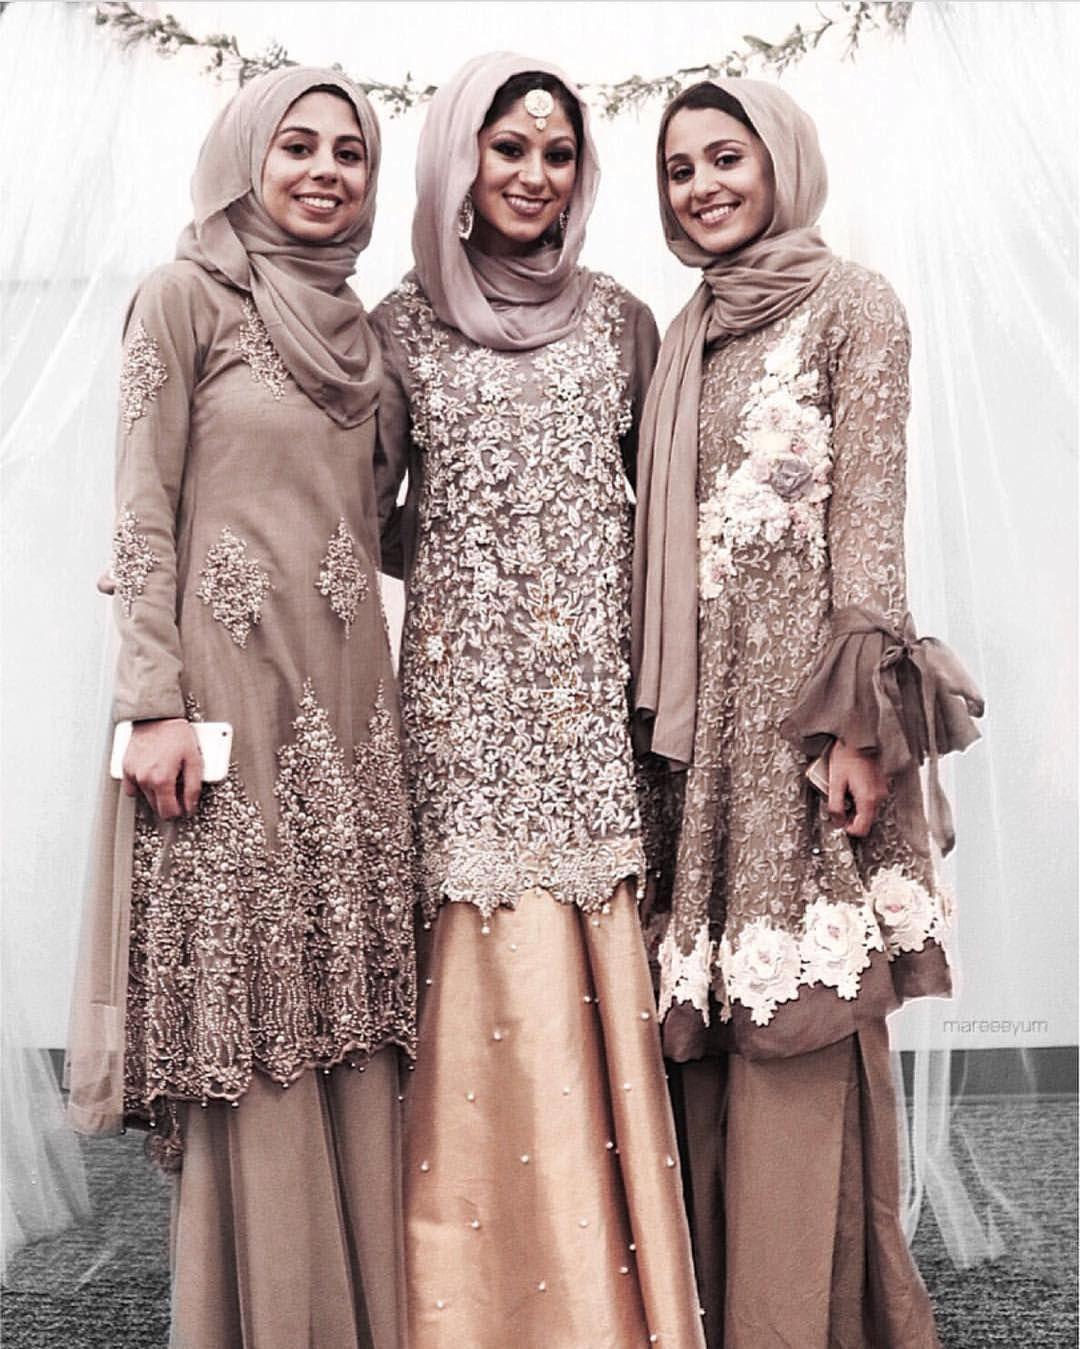 11,11 Likes, 111 Comments - Modest Fashion Pakistan